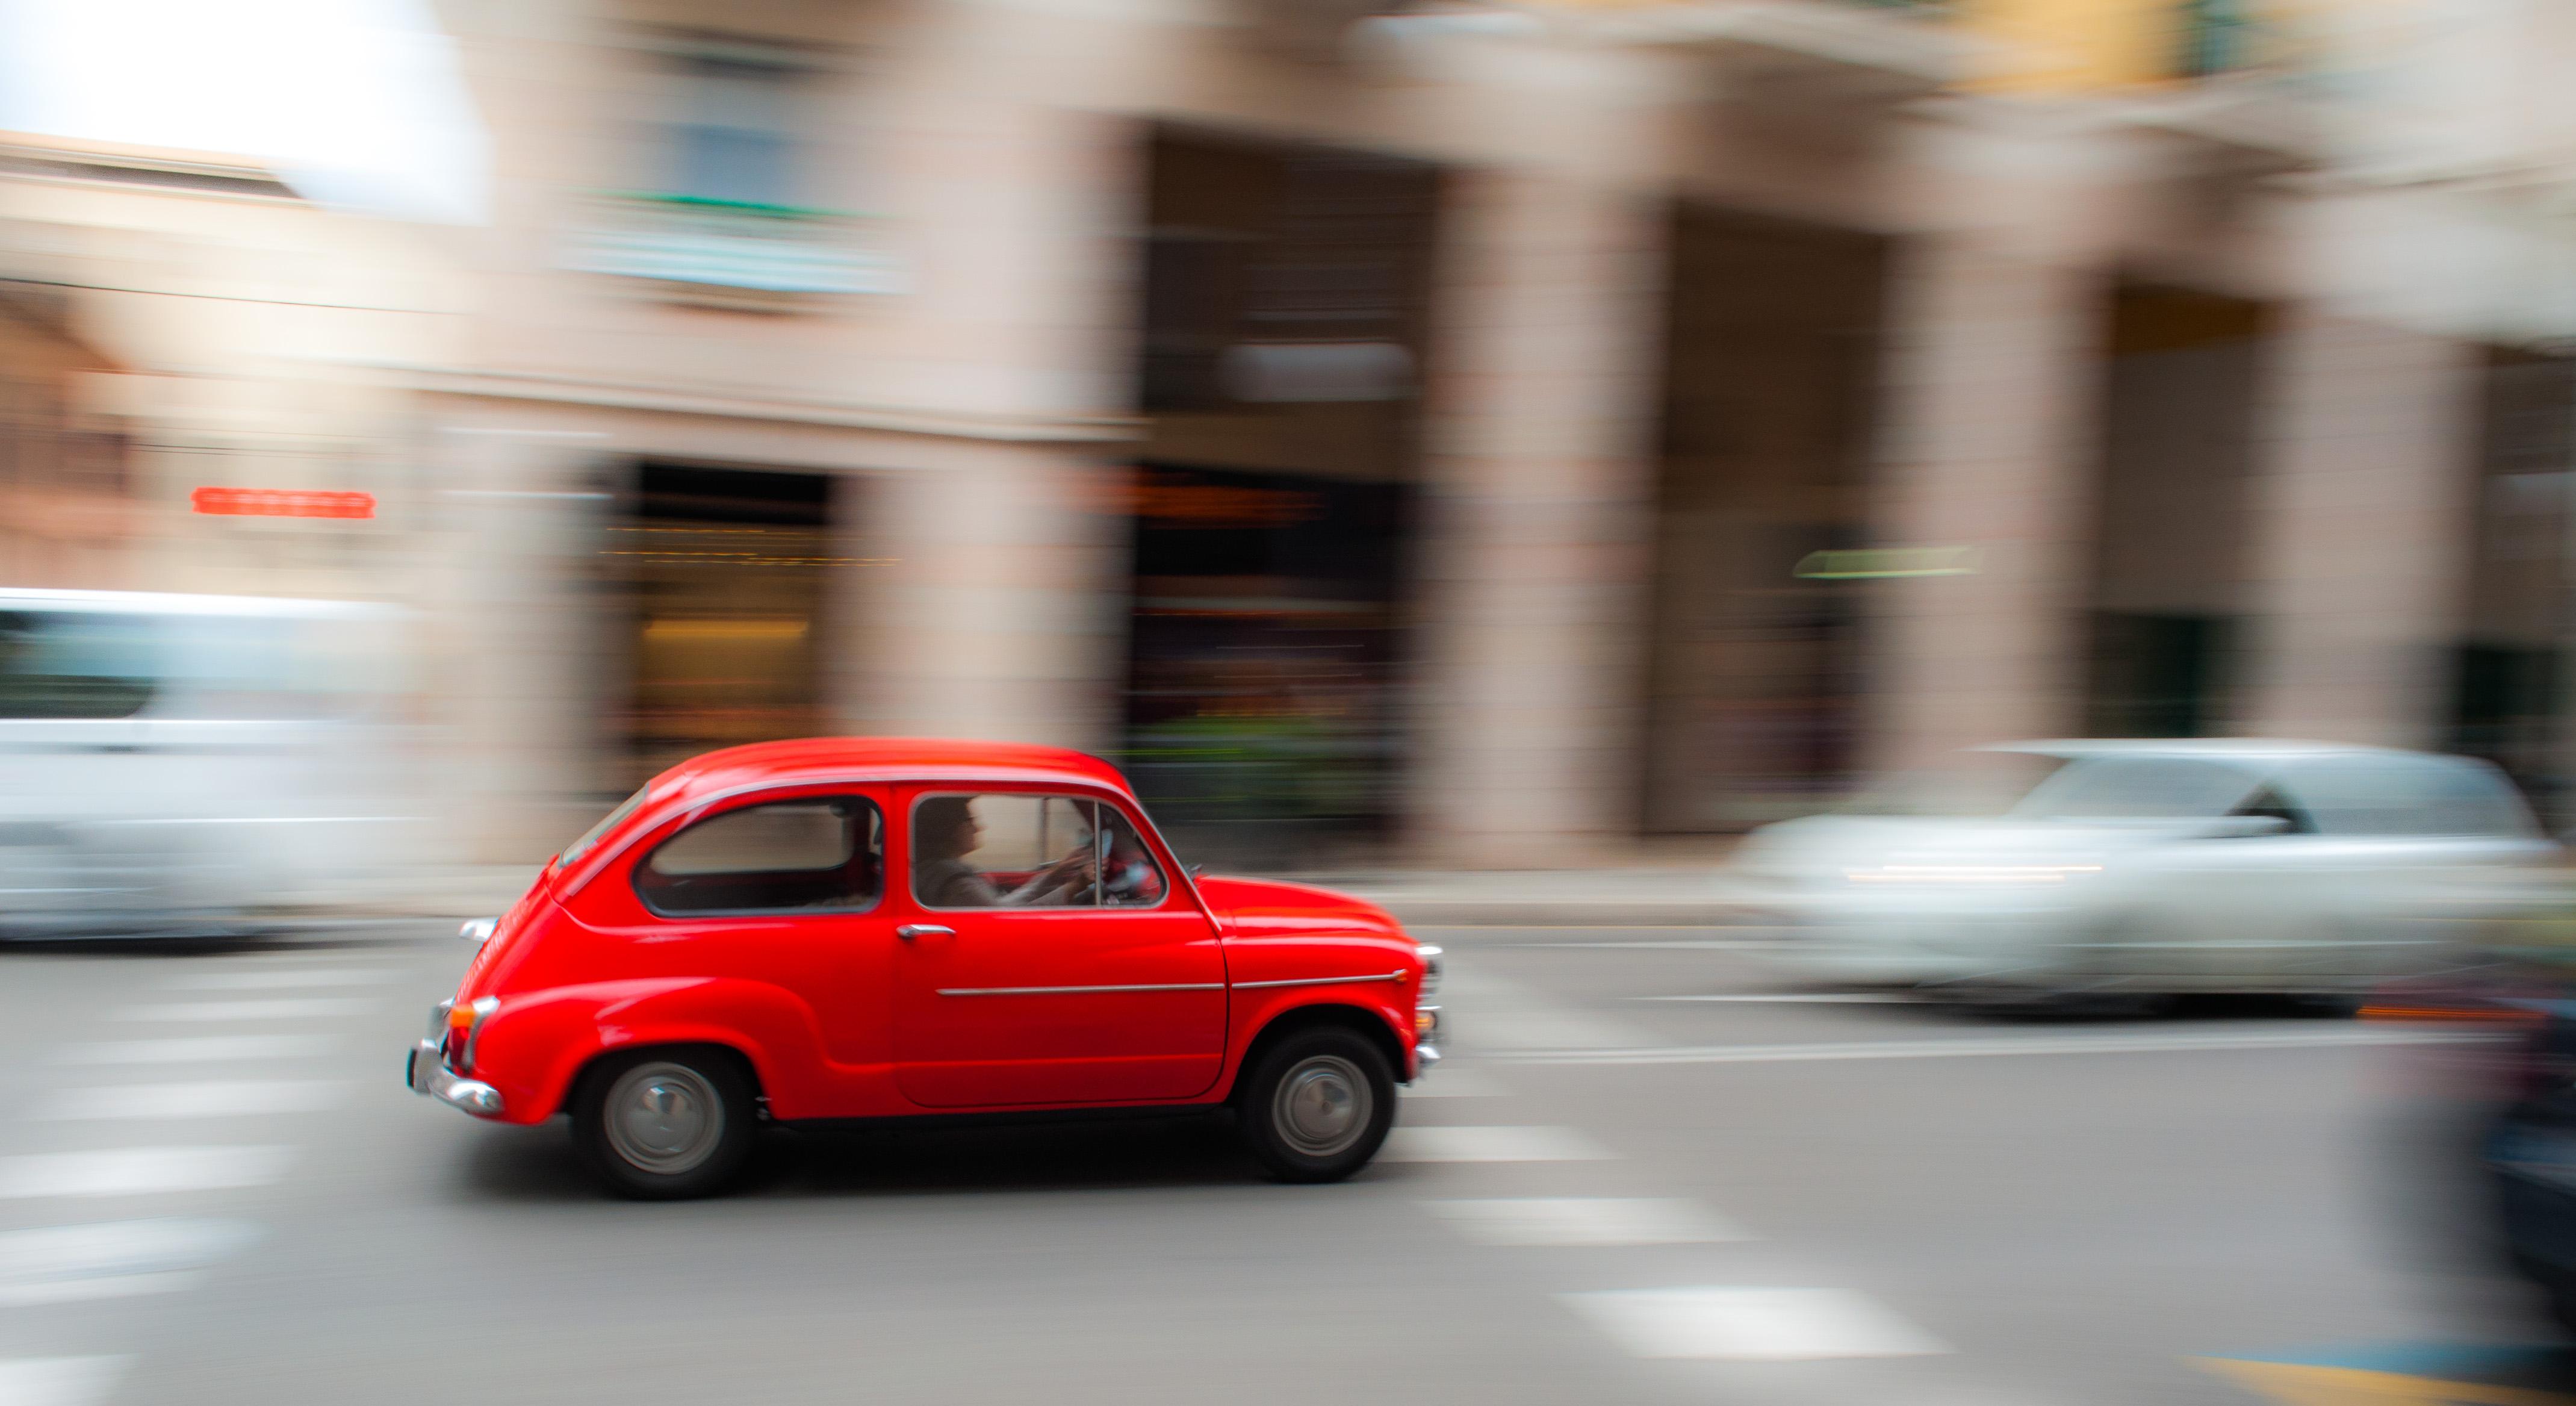 Wallpaper Red Car Rojo Seat Coche 600 Mallorca